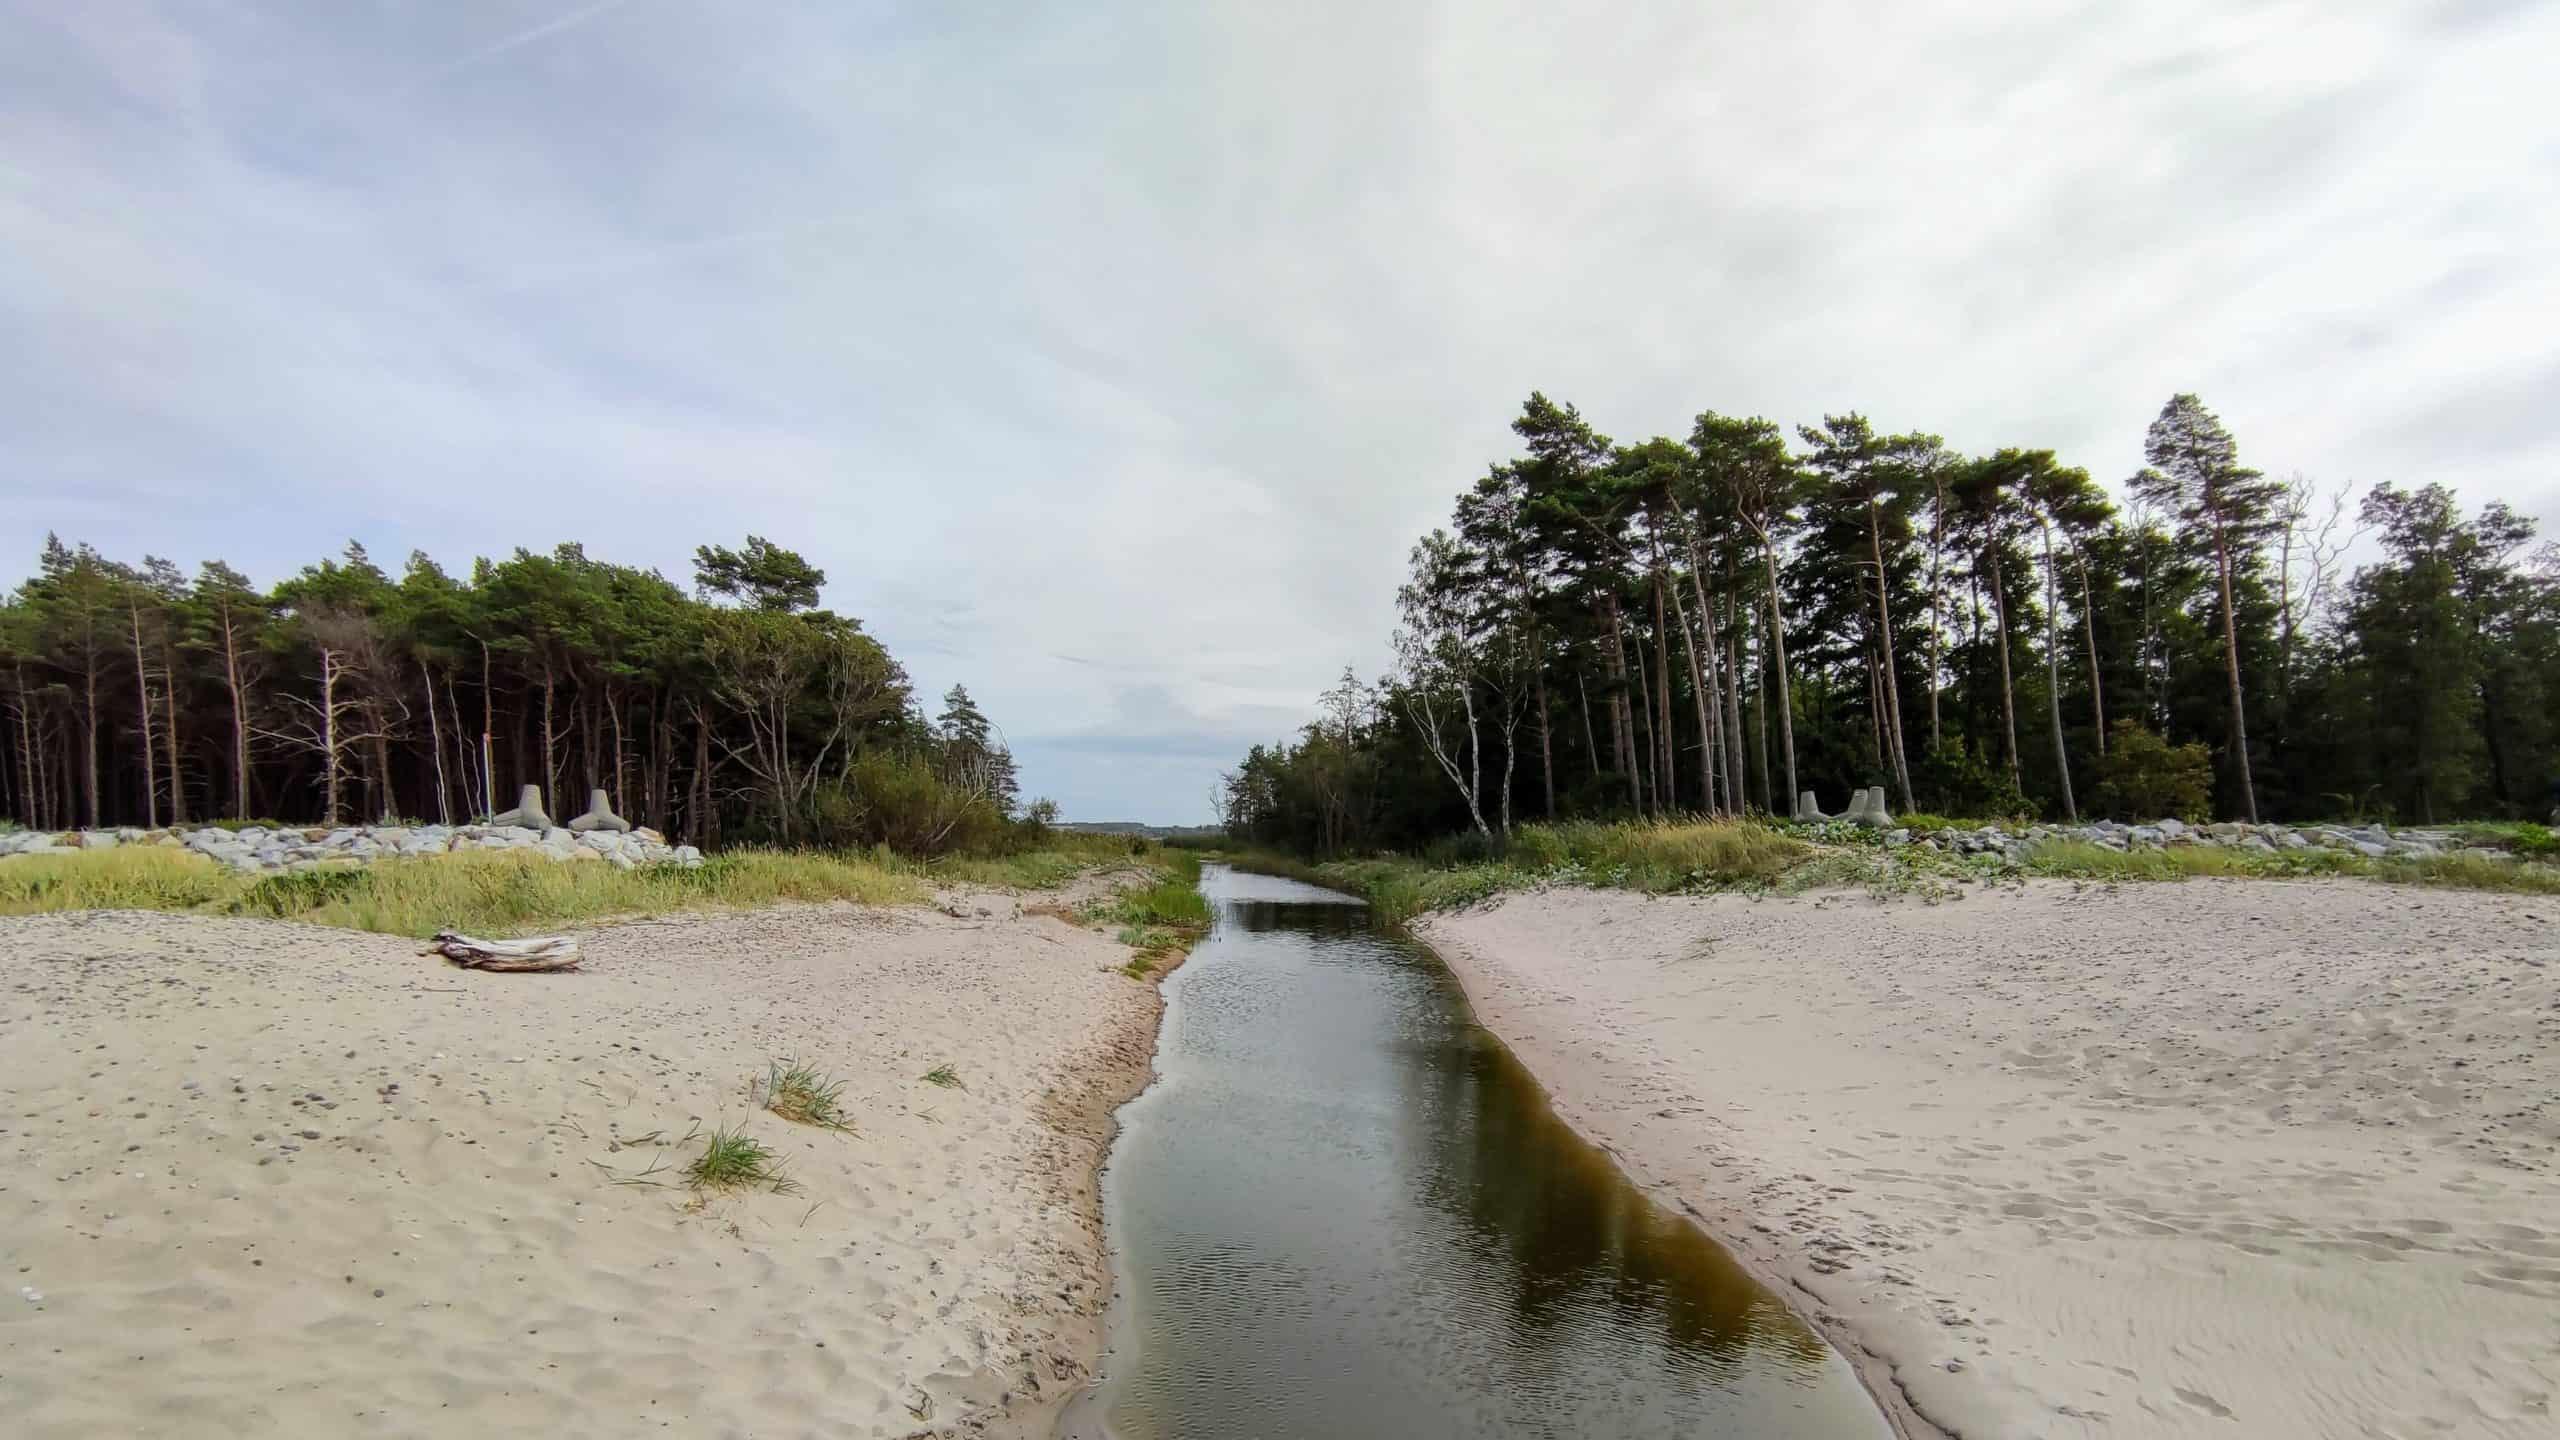 Rzeka wpływająca do Morza Bałtyckiego